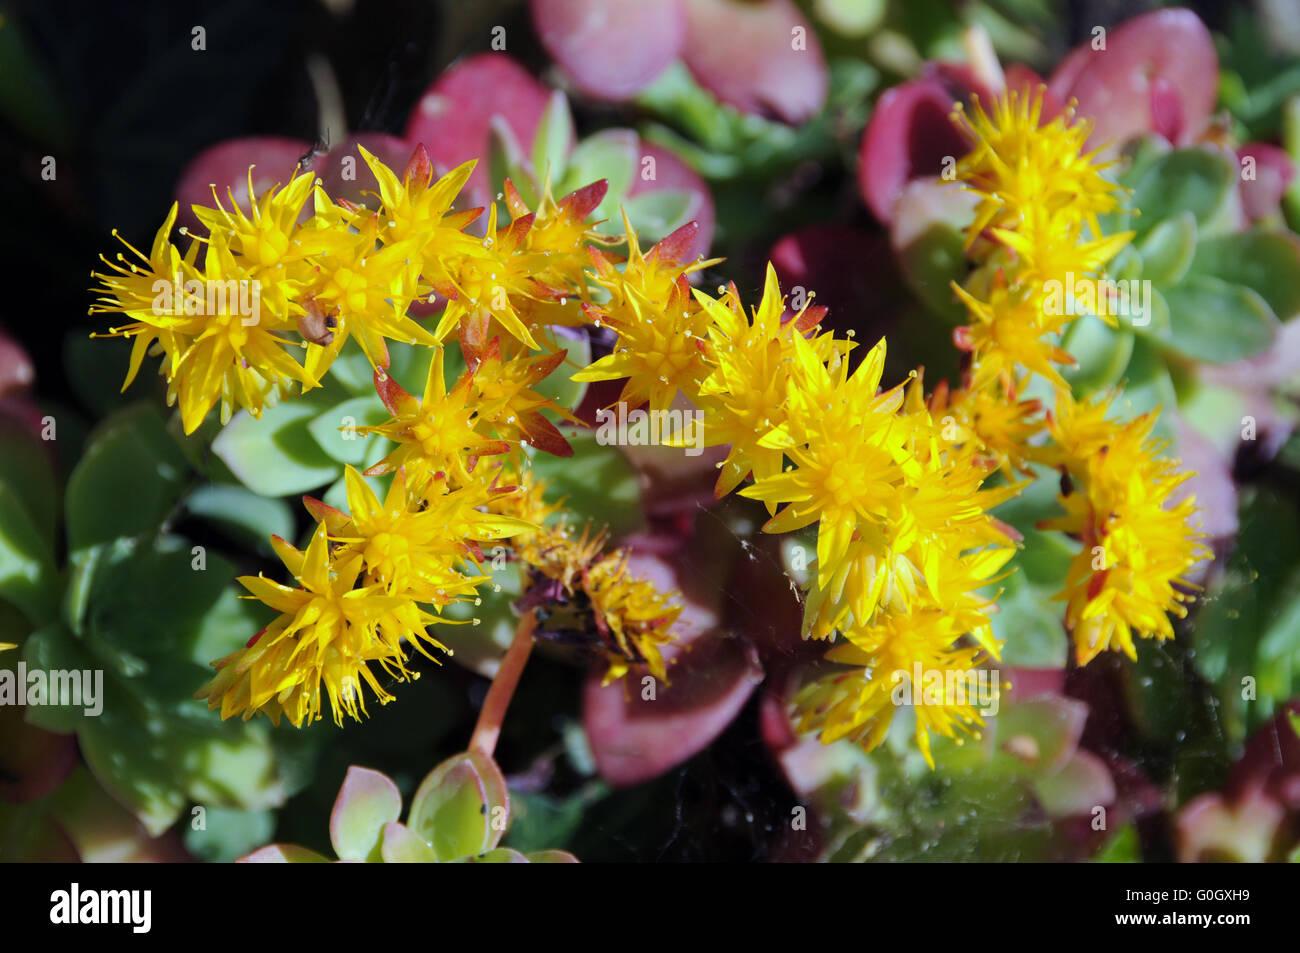 Flores Amarillas De Plantas Suculentas Foto Imagen De Stock